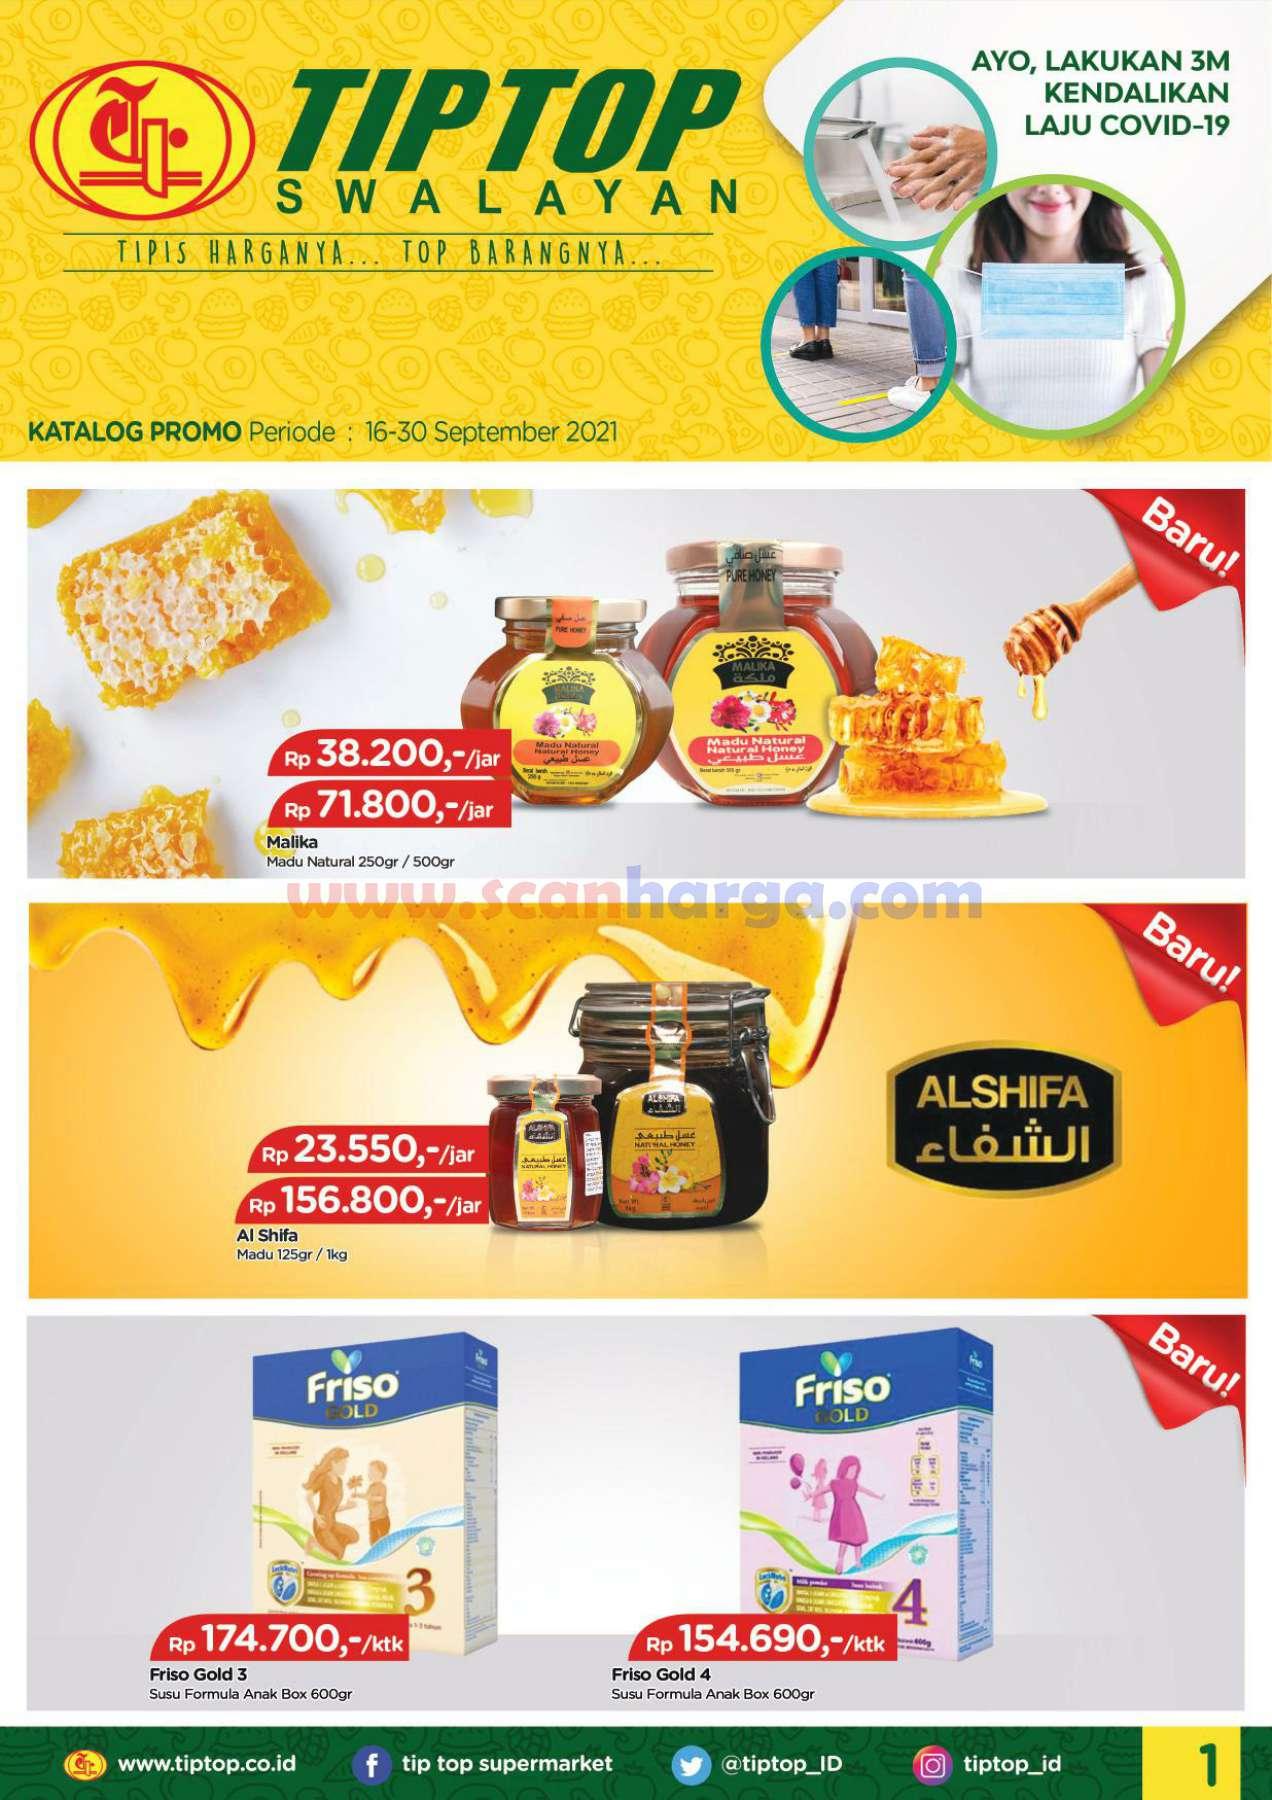 Katalog Promo Tip Top Pasar Swalayan 16 - 30 September 2021